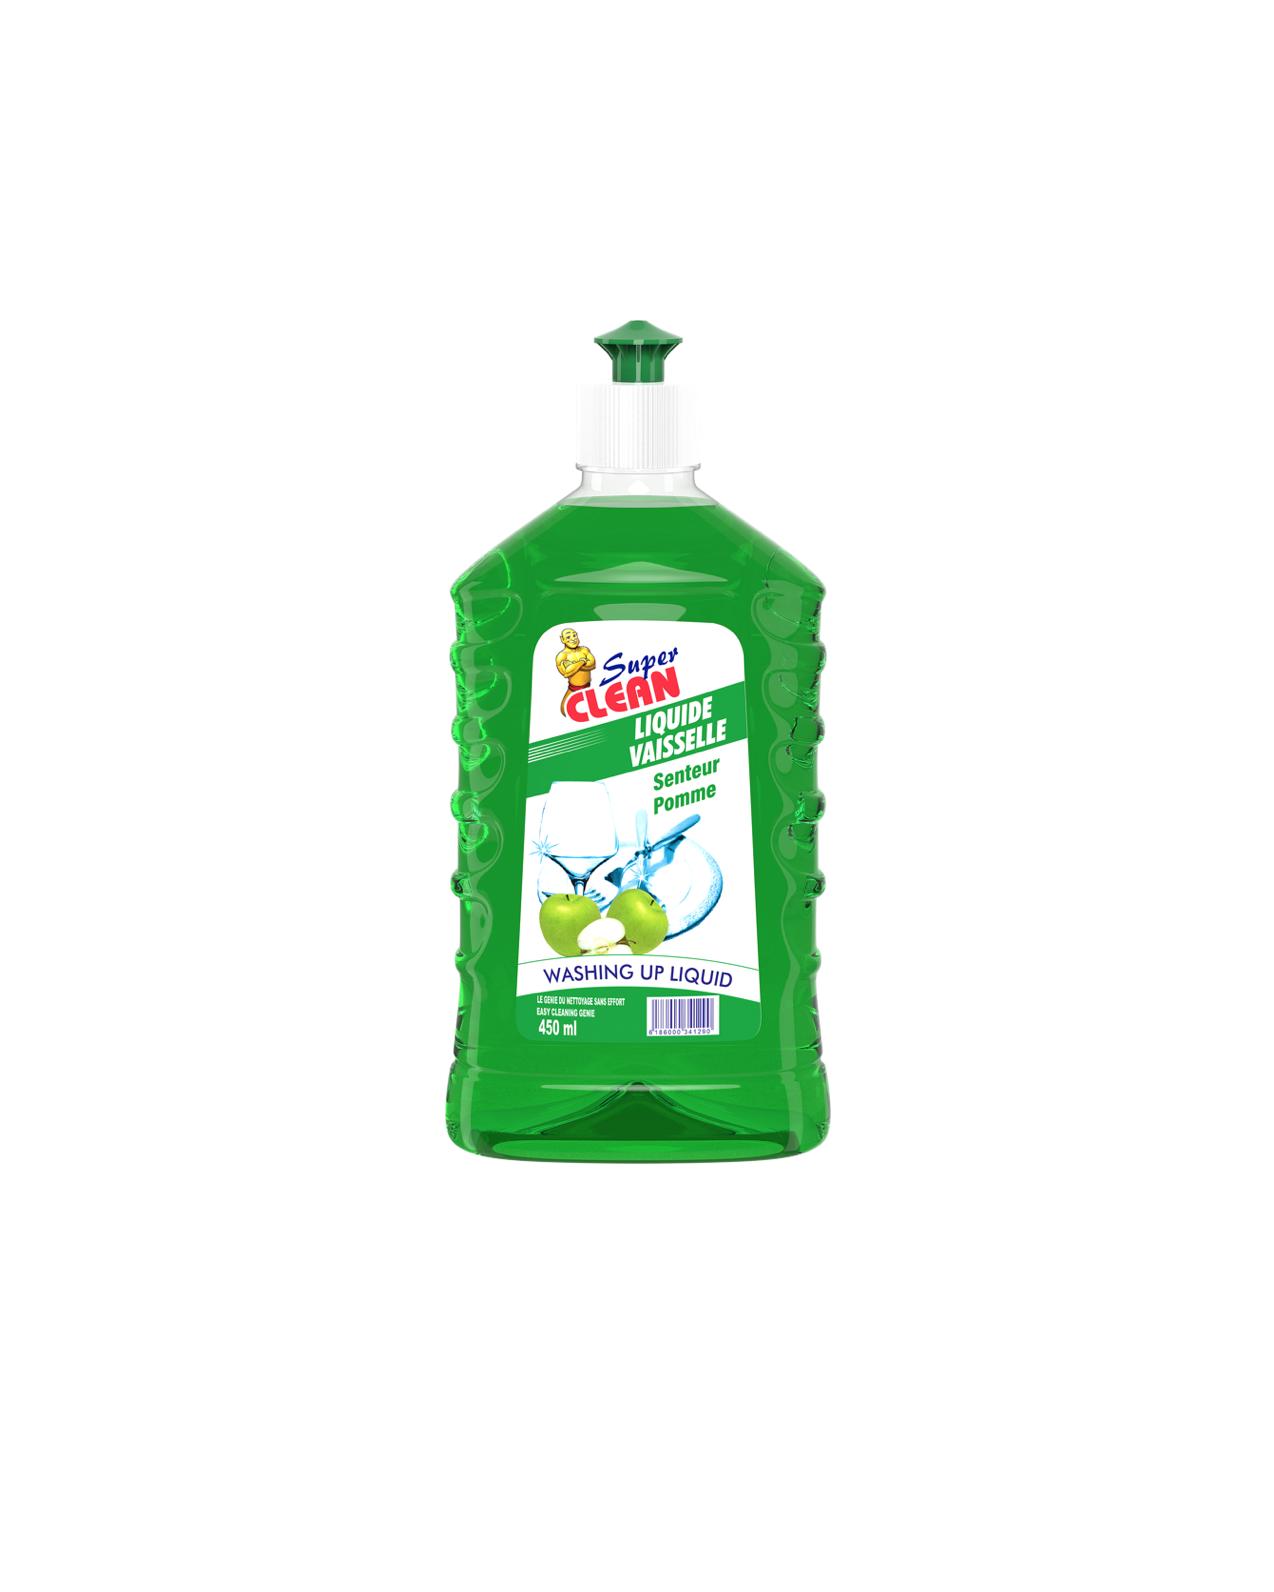 SUPER CLEAN_Liquide Vaisselle Pomme 450ml_Siprochim